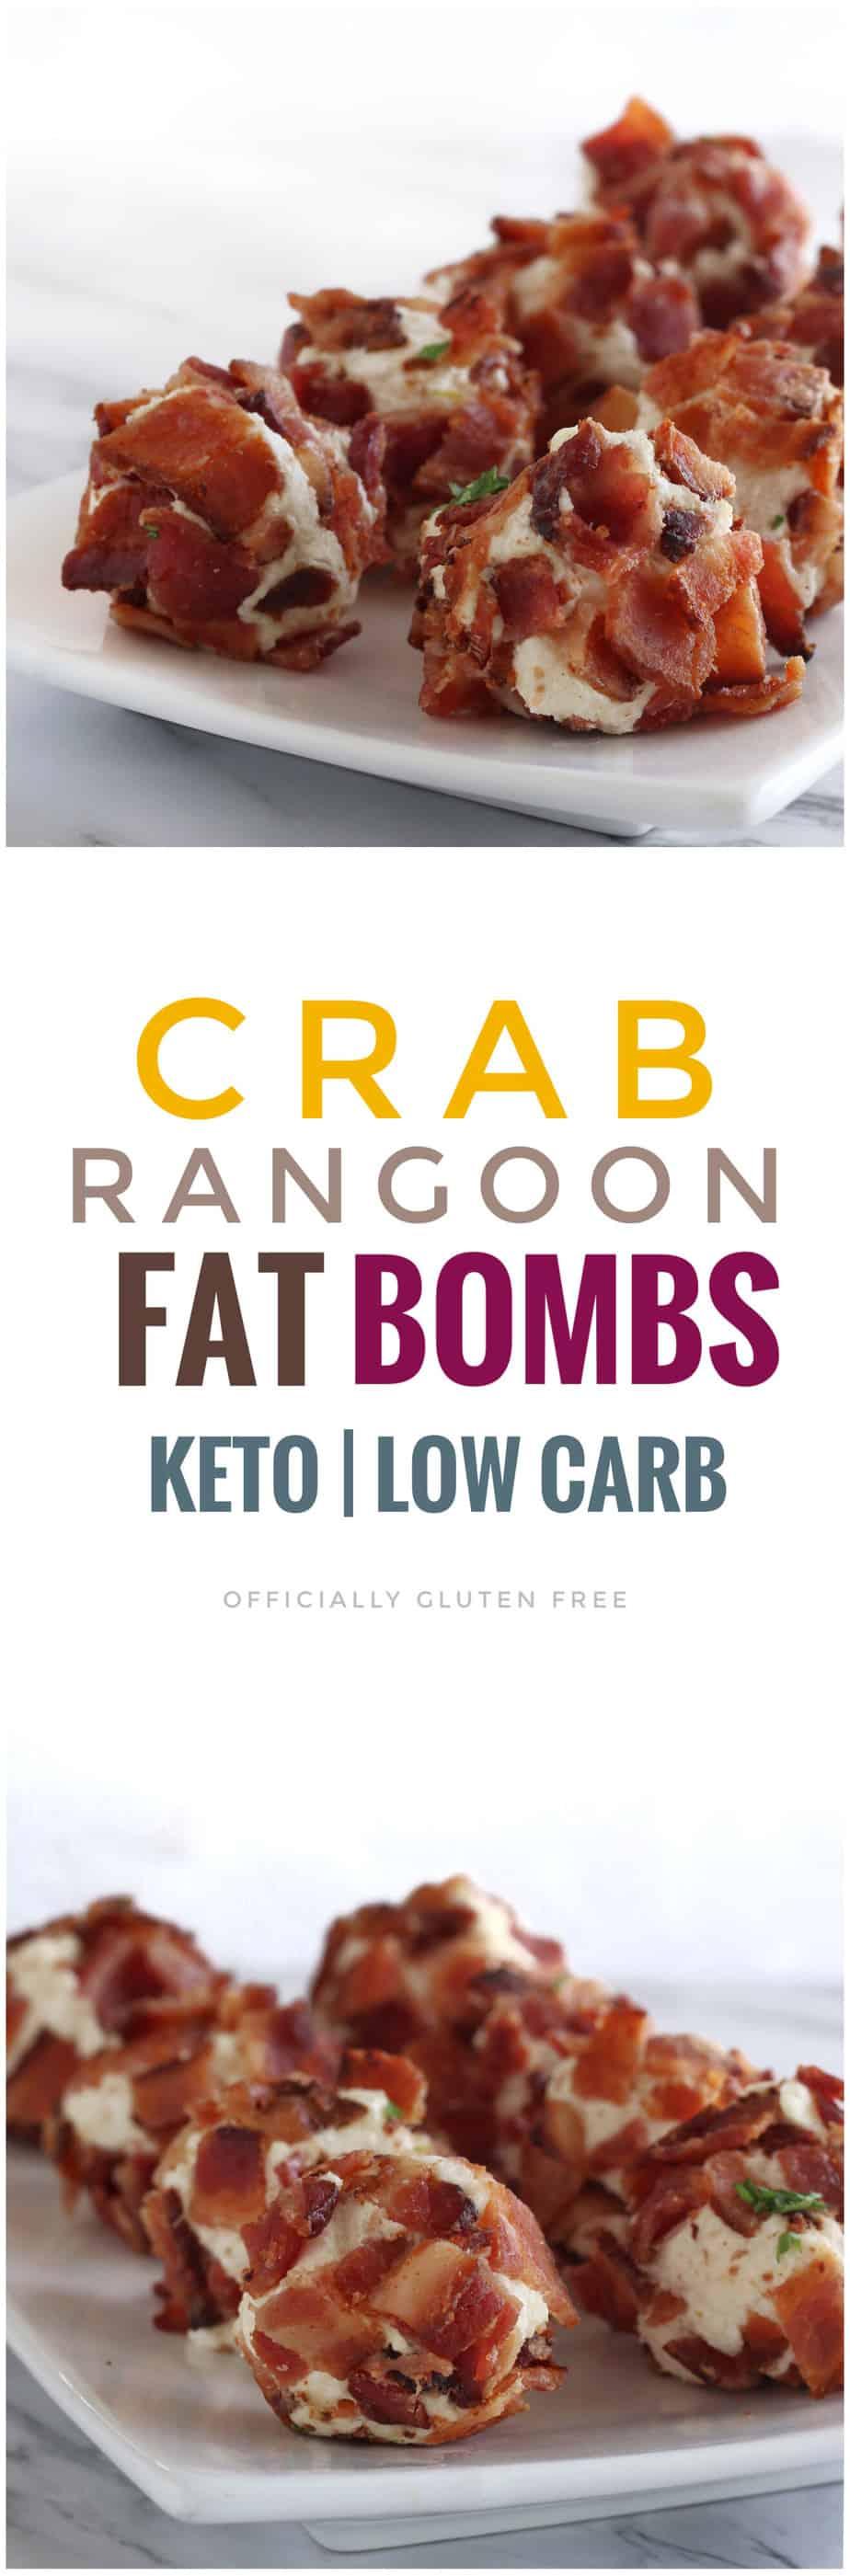 Keto Bacon Crab Rangoon Fat Bombs